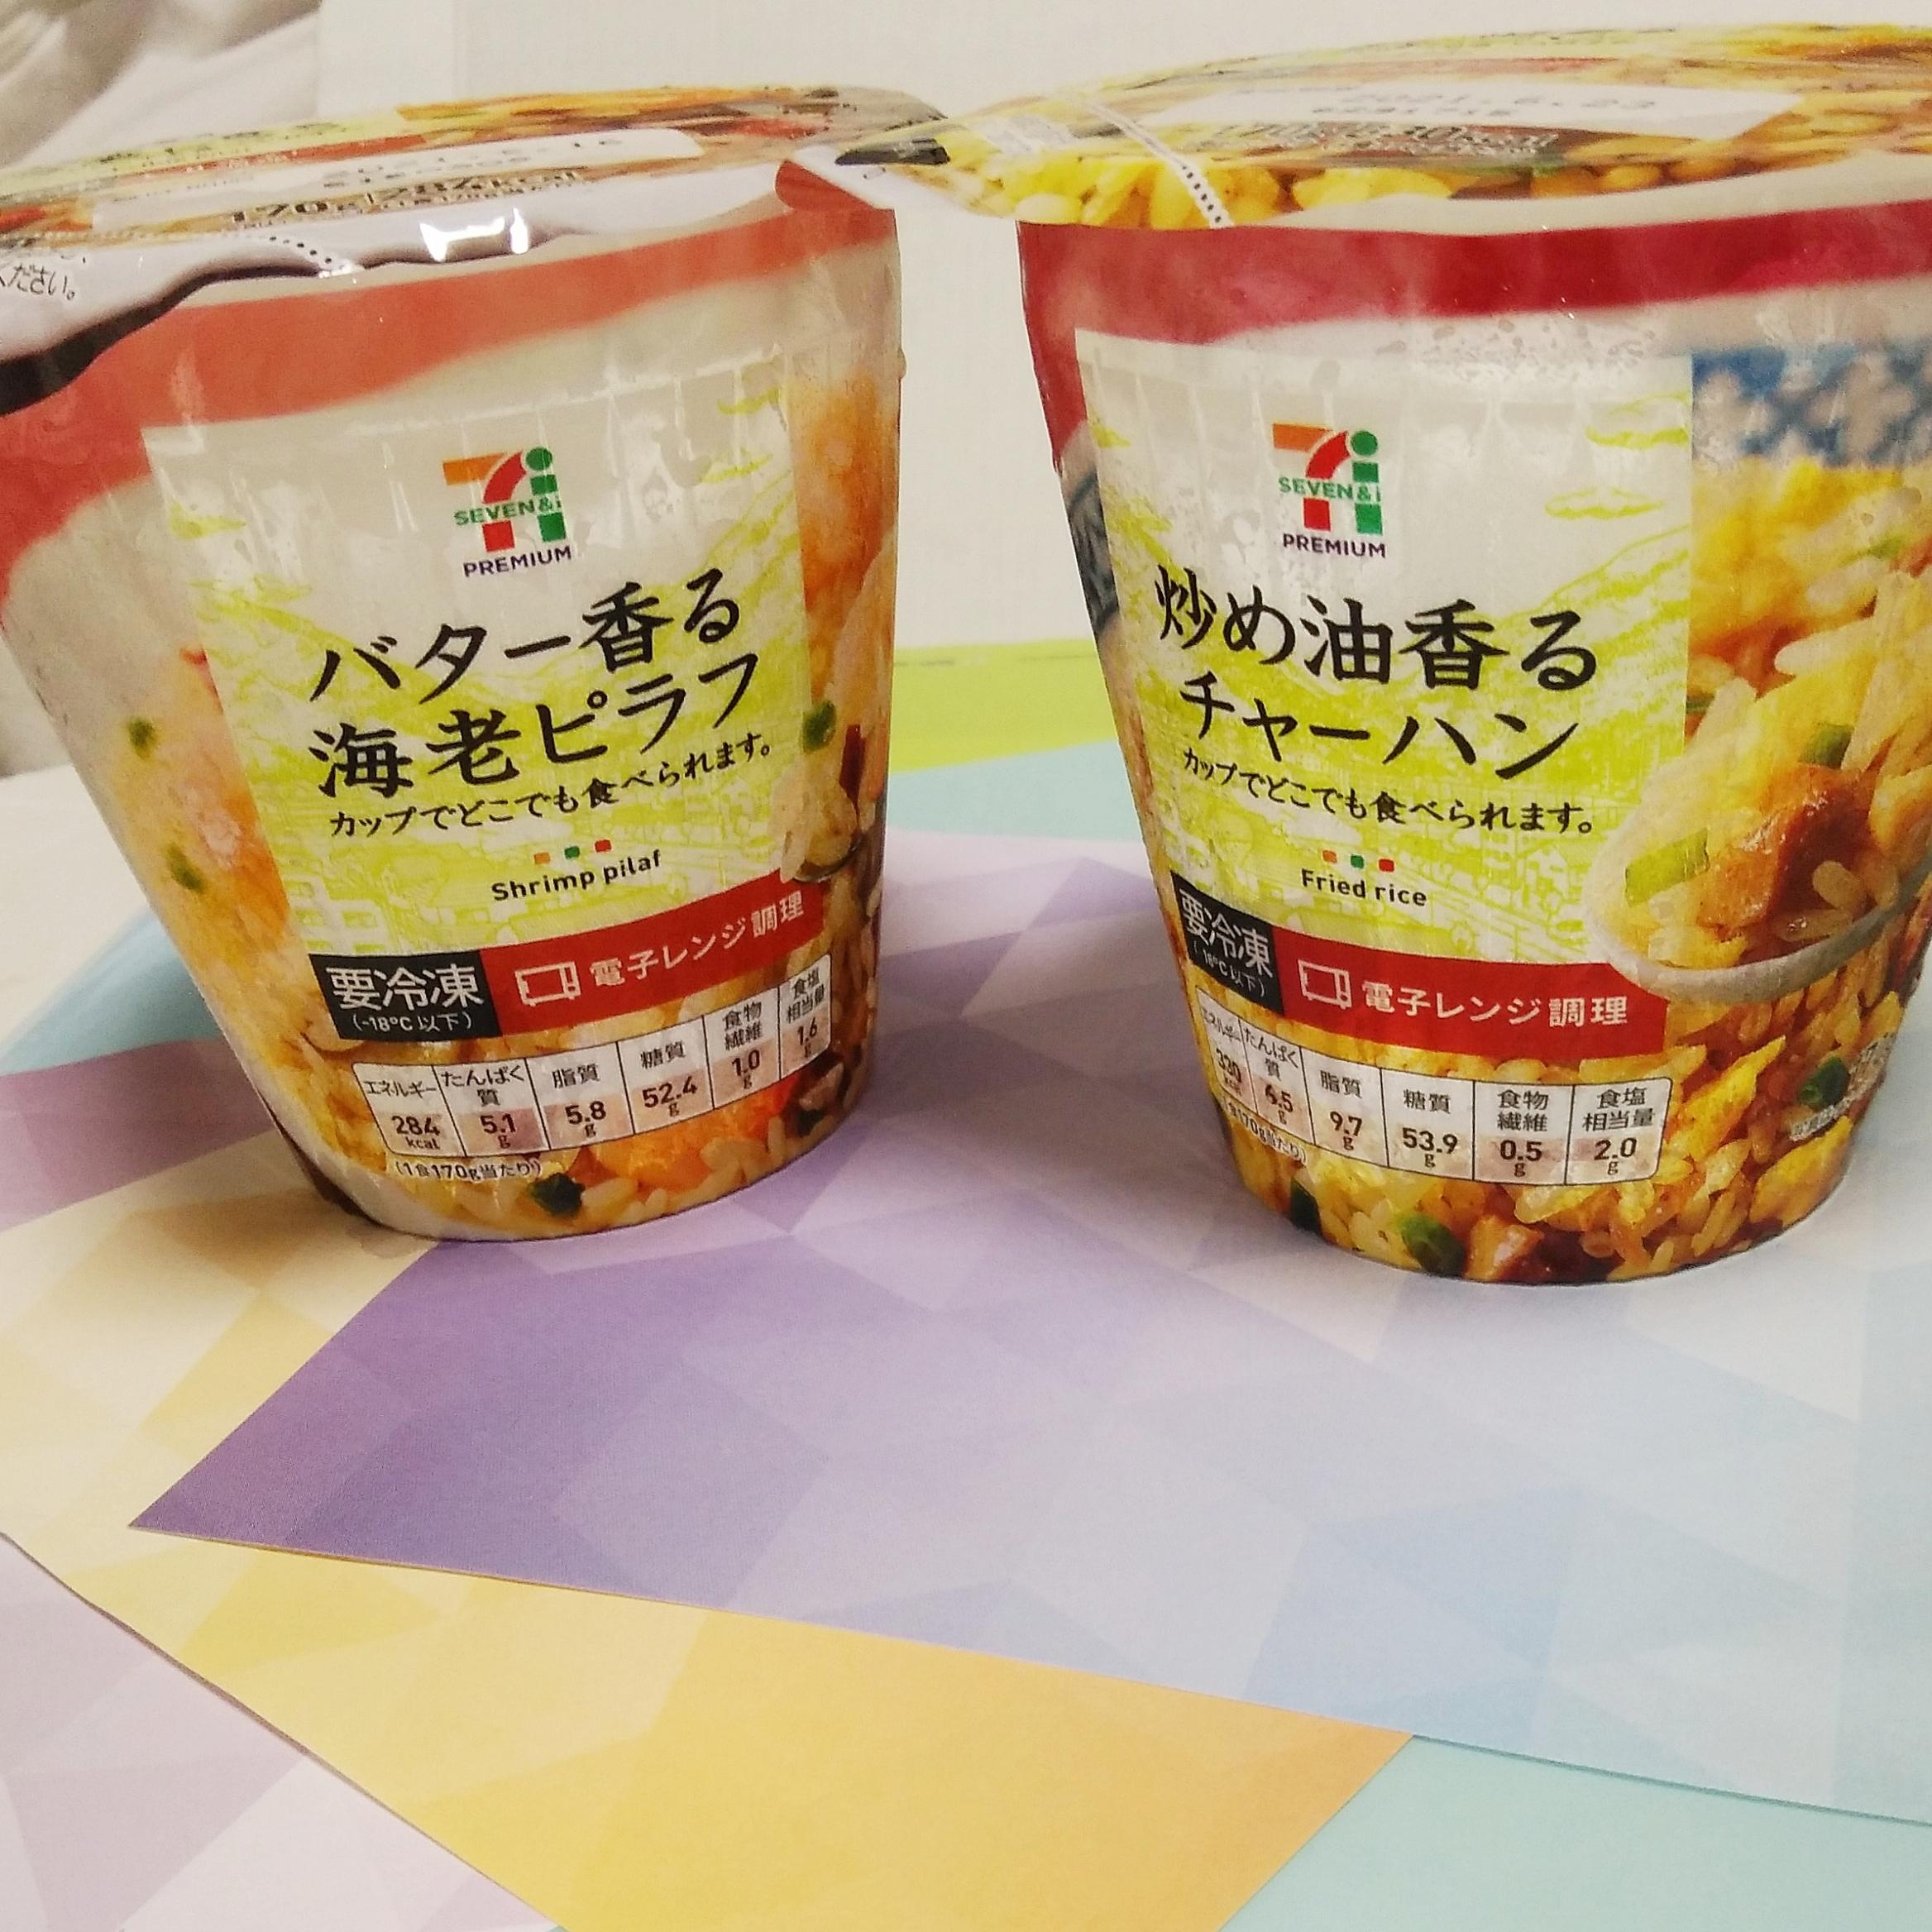 セブンイレブンの冷凍食品おすすめ2020年版!お弁当に便利なのは?12